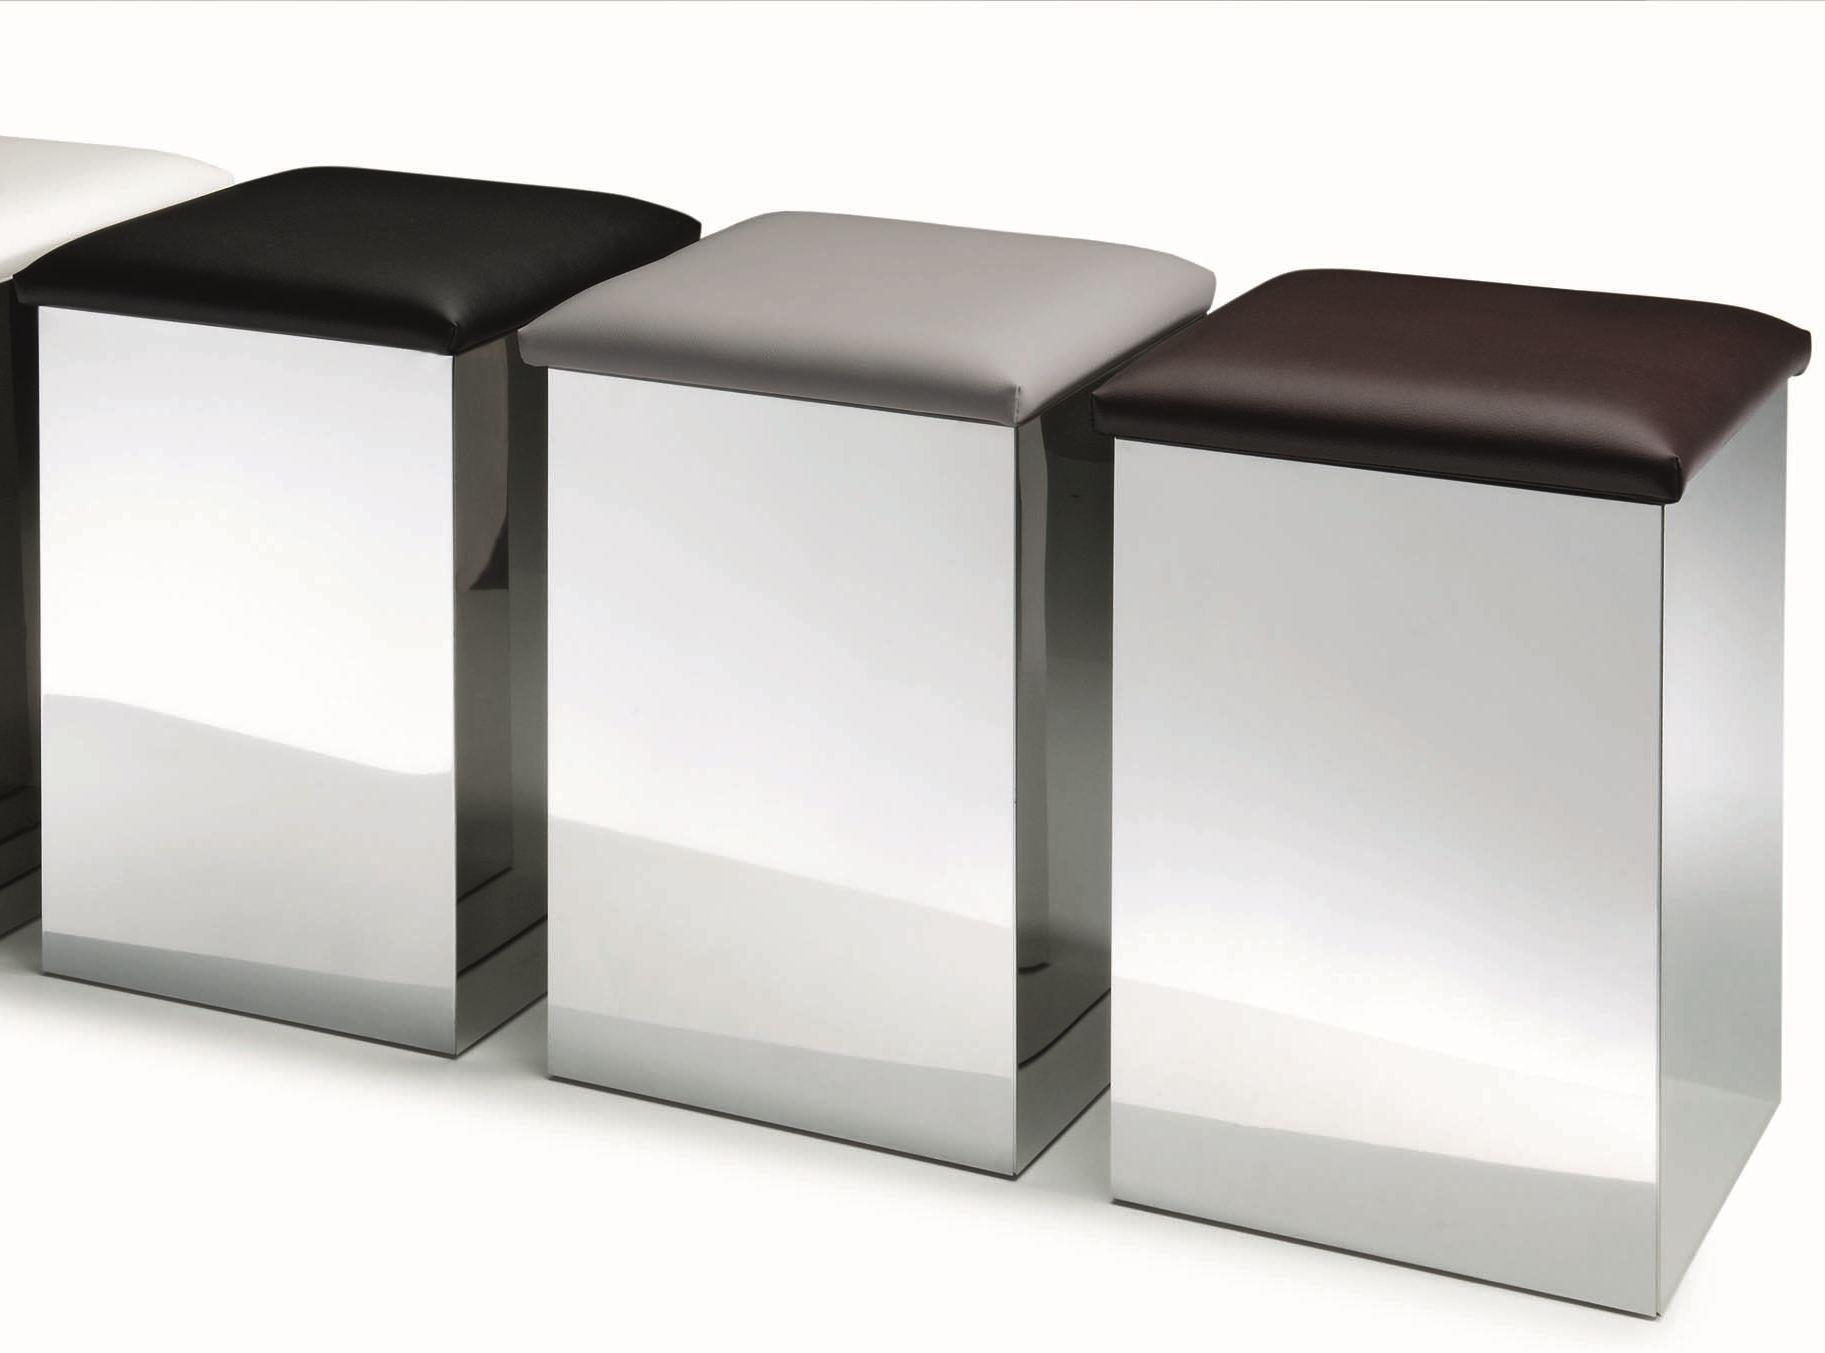 Металлические корзины для белья с сидушками для ванной